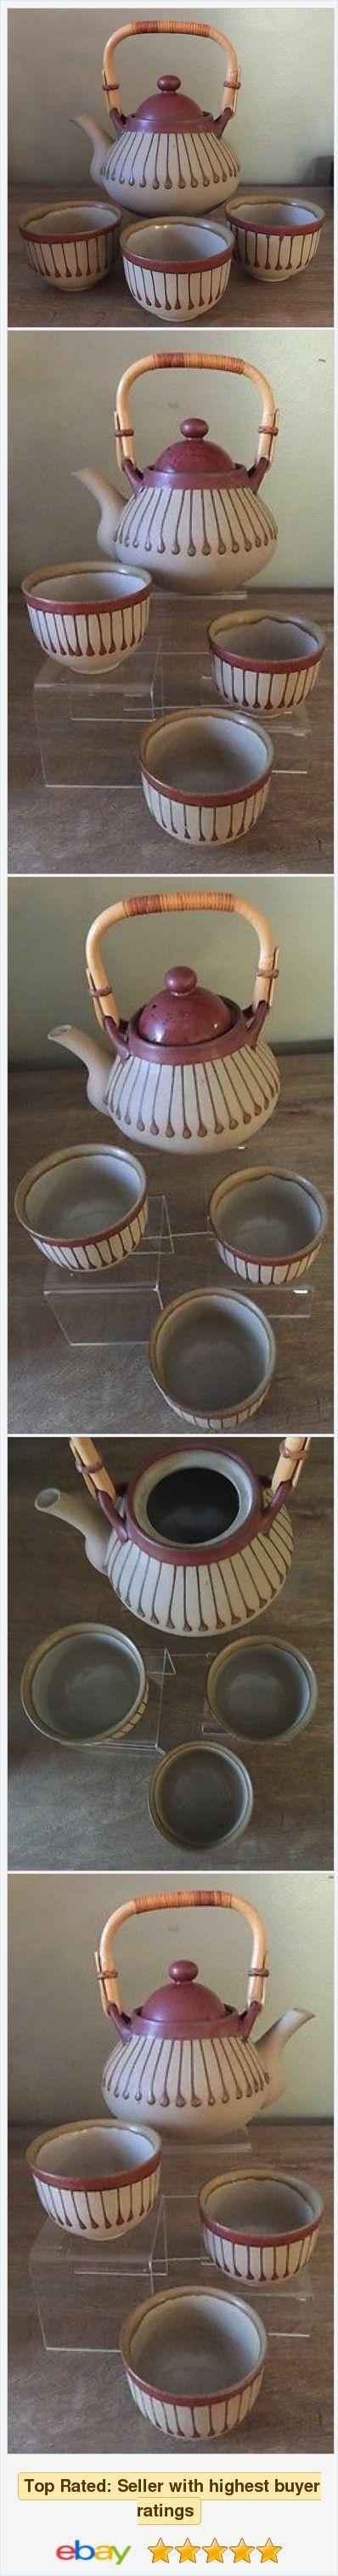 Japanese Takahashi San Franisco Teapot and Three Teacups Earth Tone Colors #eBay #StoreName e_babyji